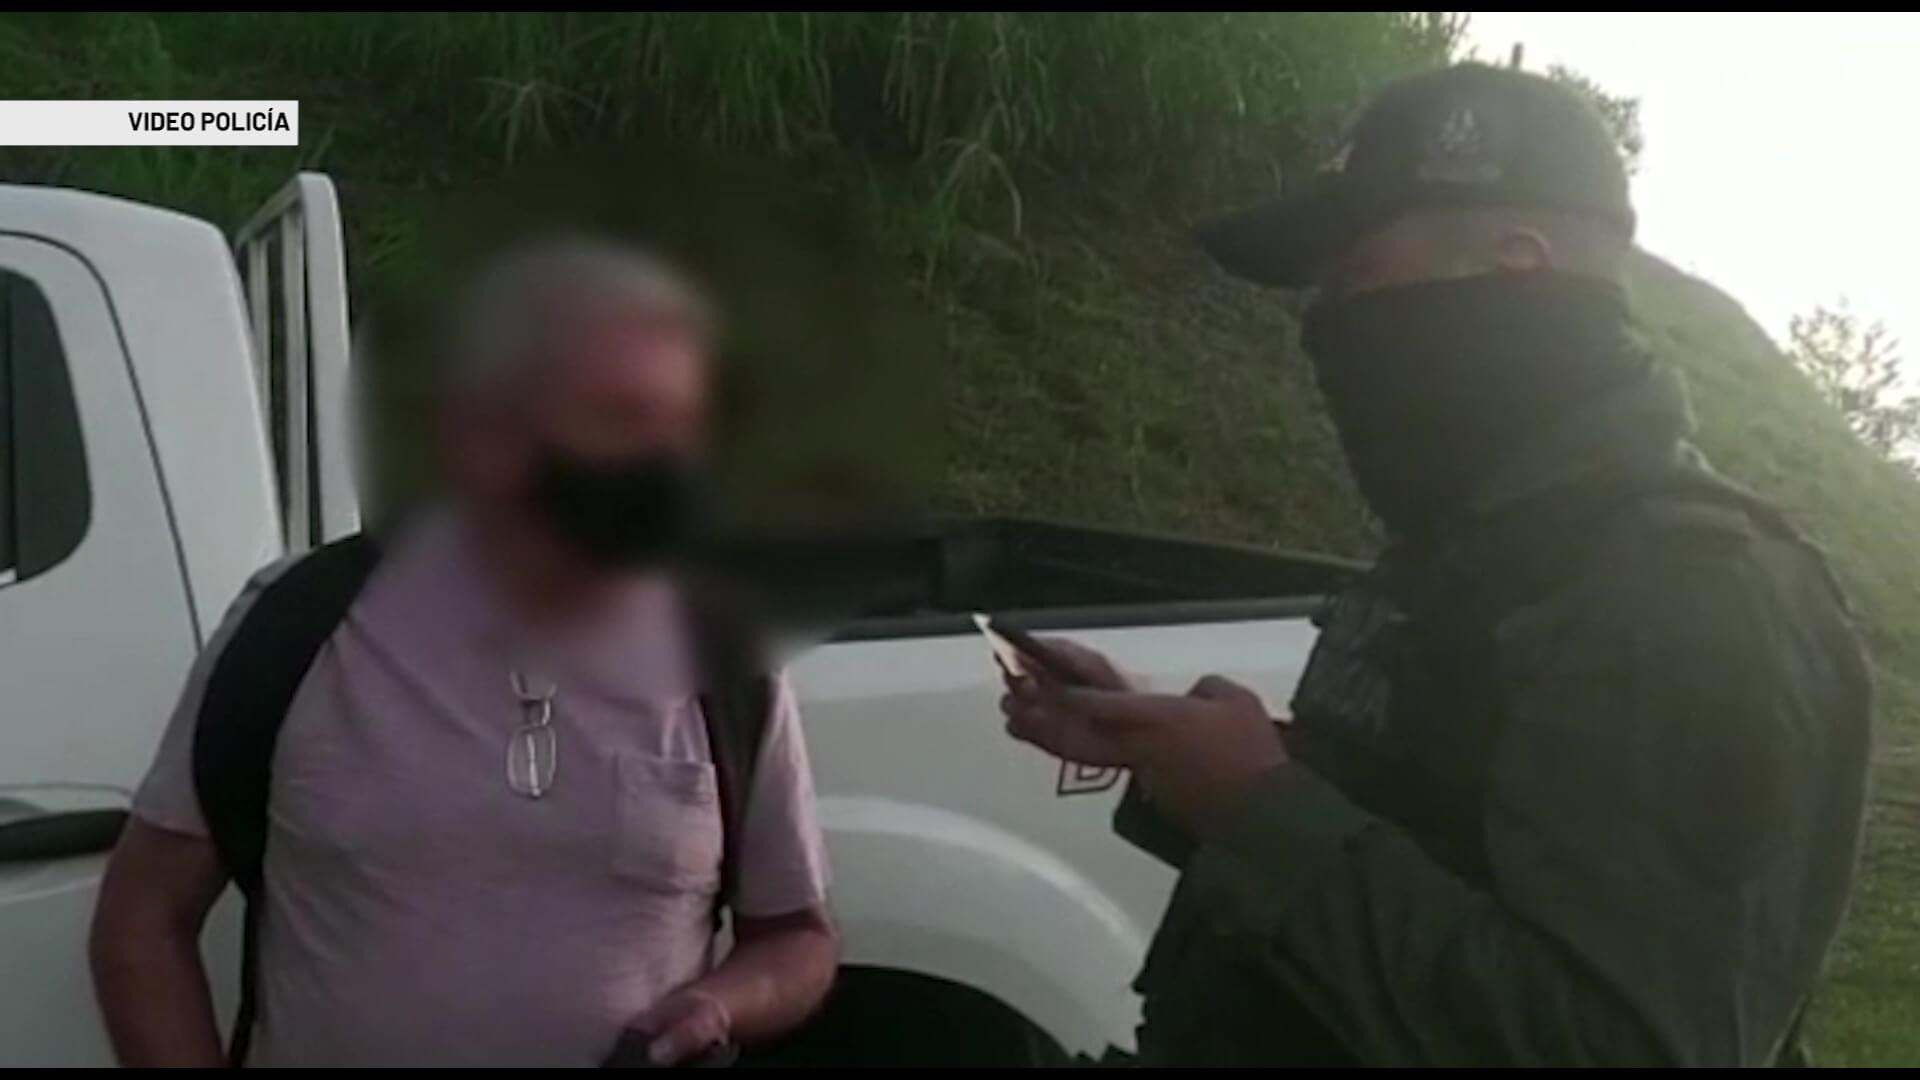 Desmantelada banda responsable de secuestrar a comerciante